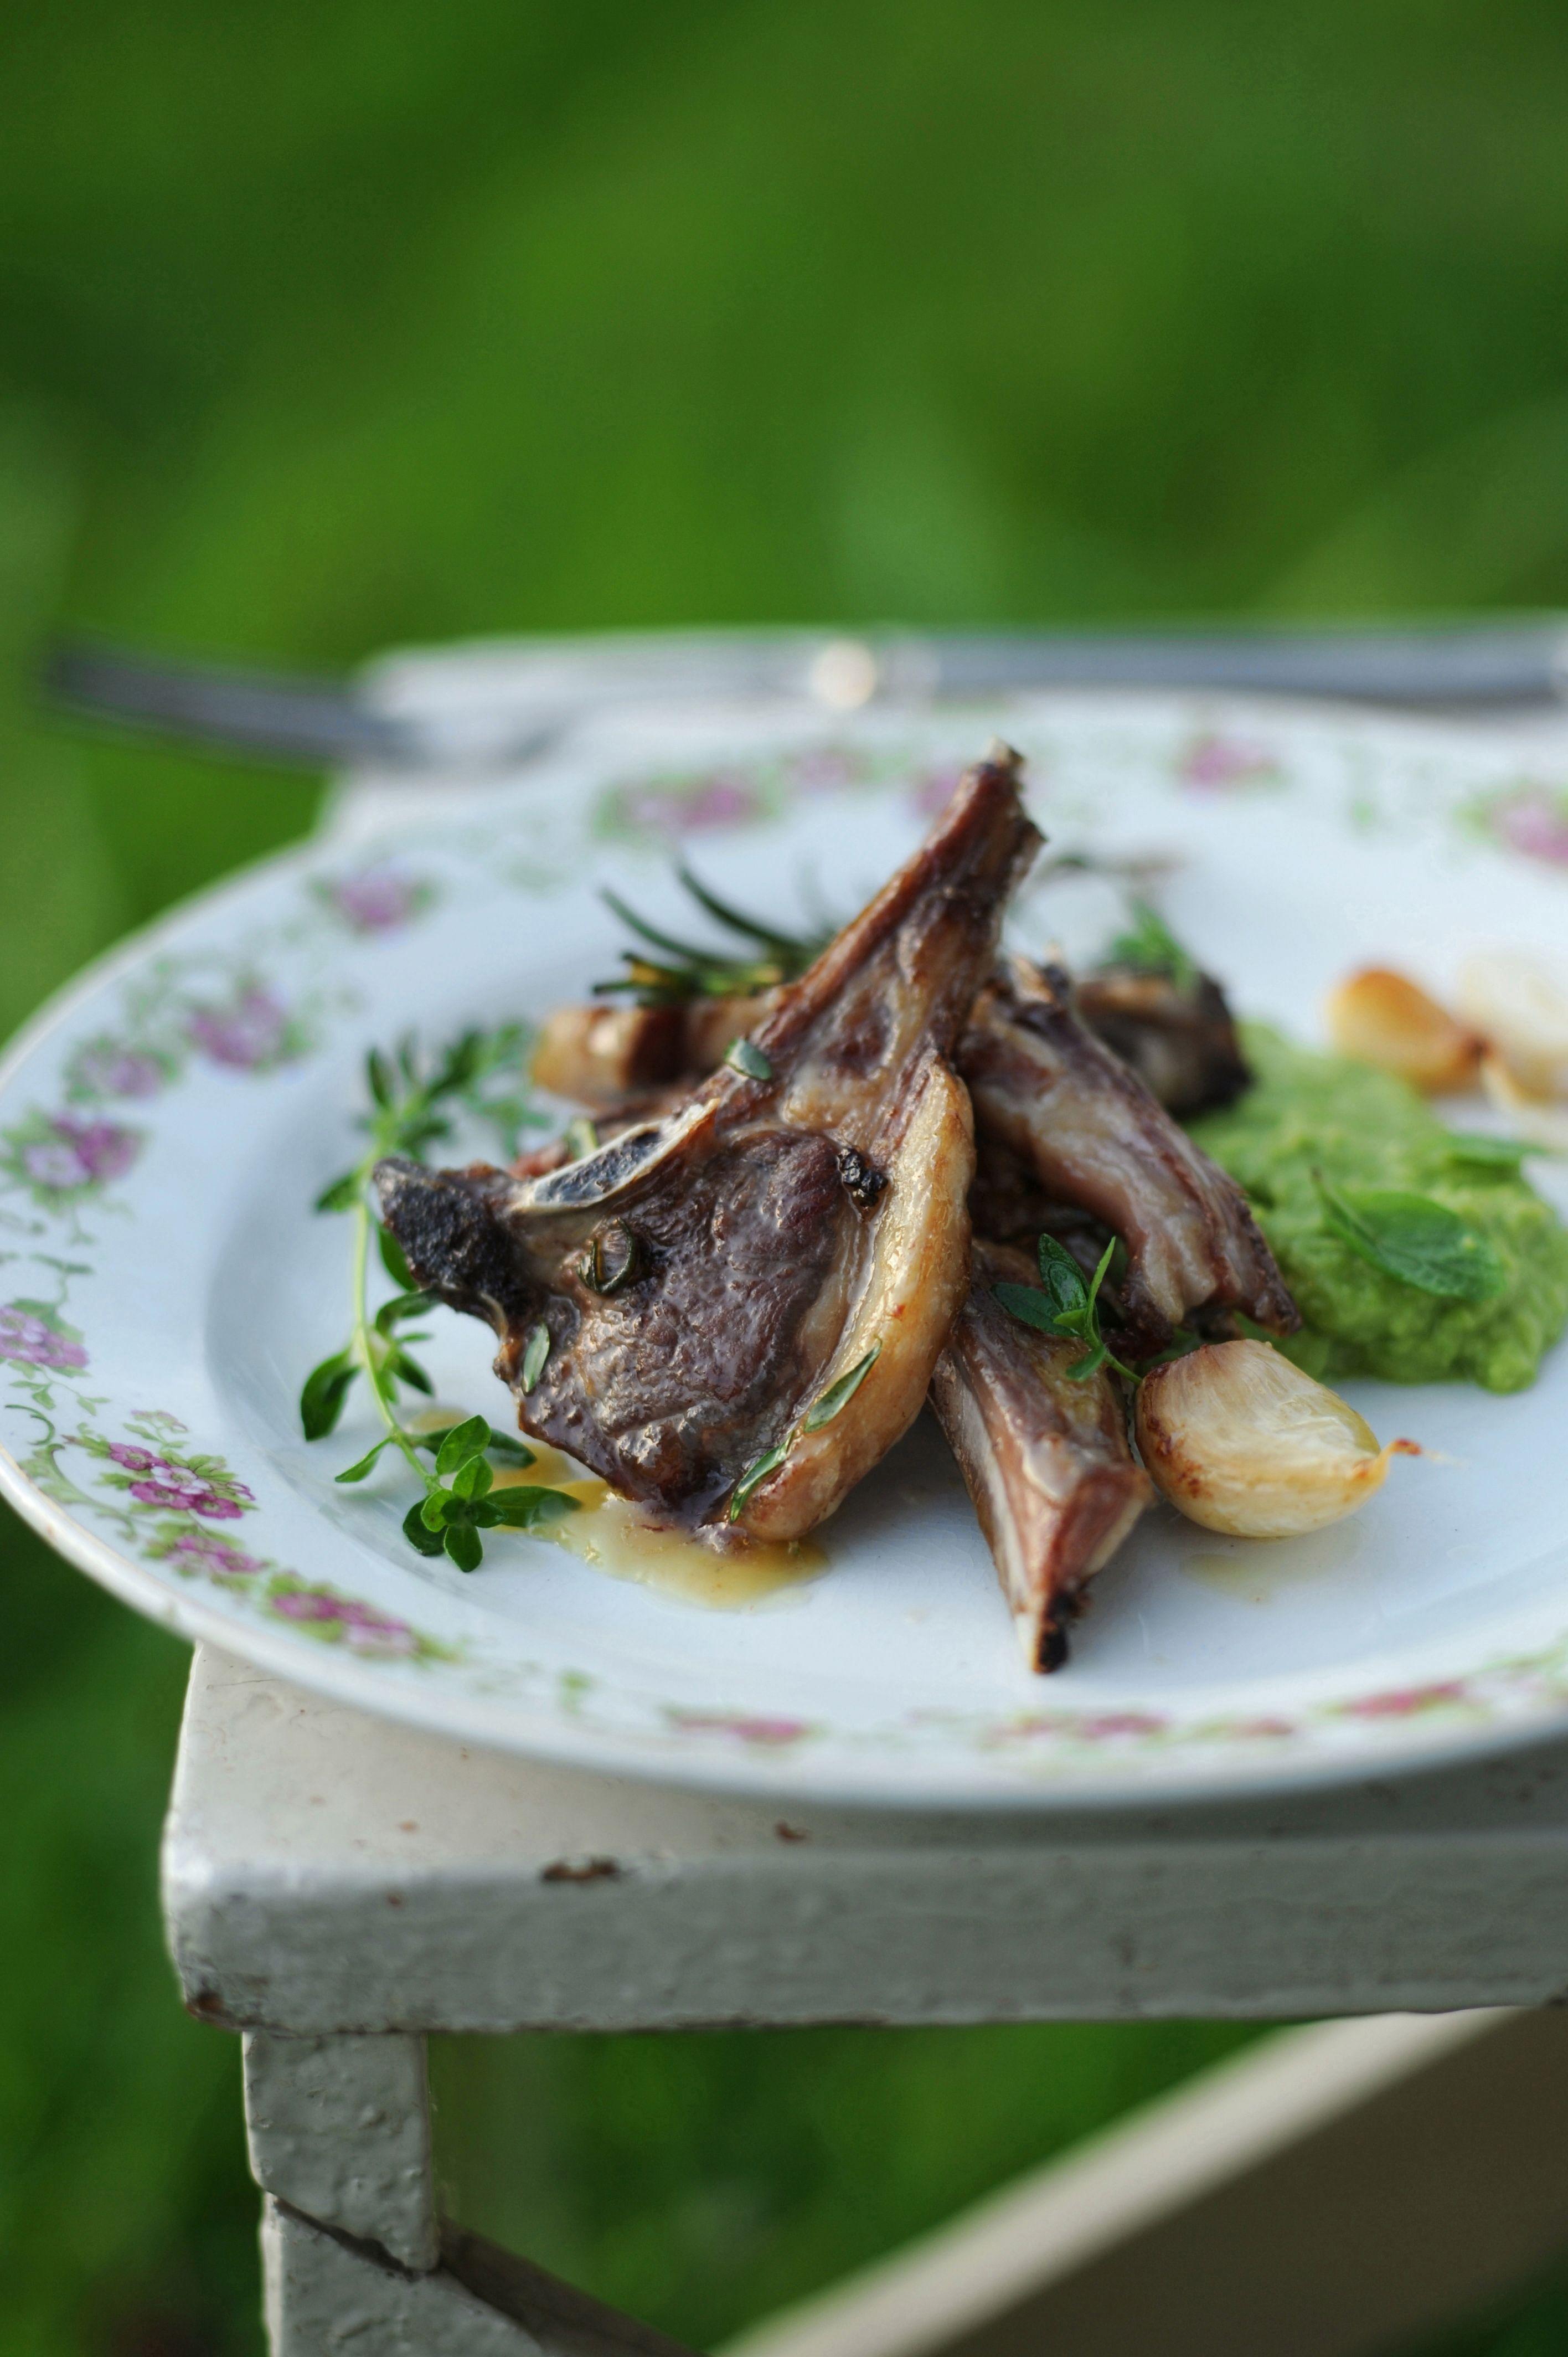 Vuoi arricchire la tua tavola con delle delicate e tenere costolette di agnello? Scopri come cucinarlo con le ricette facili e gustose di Sale&Pepe.